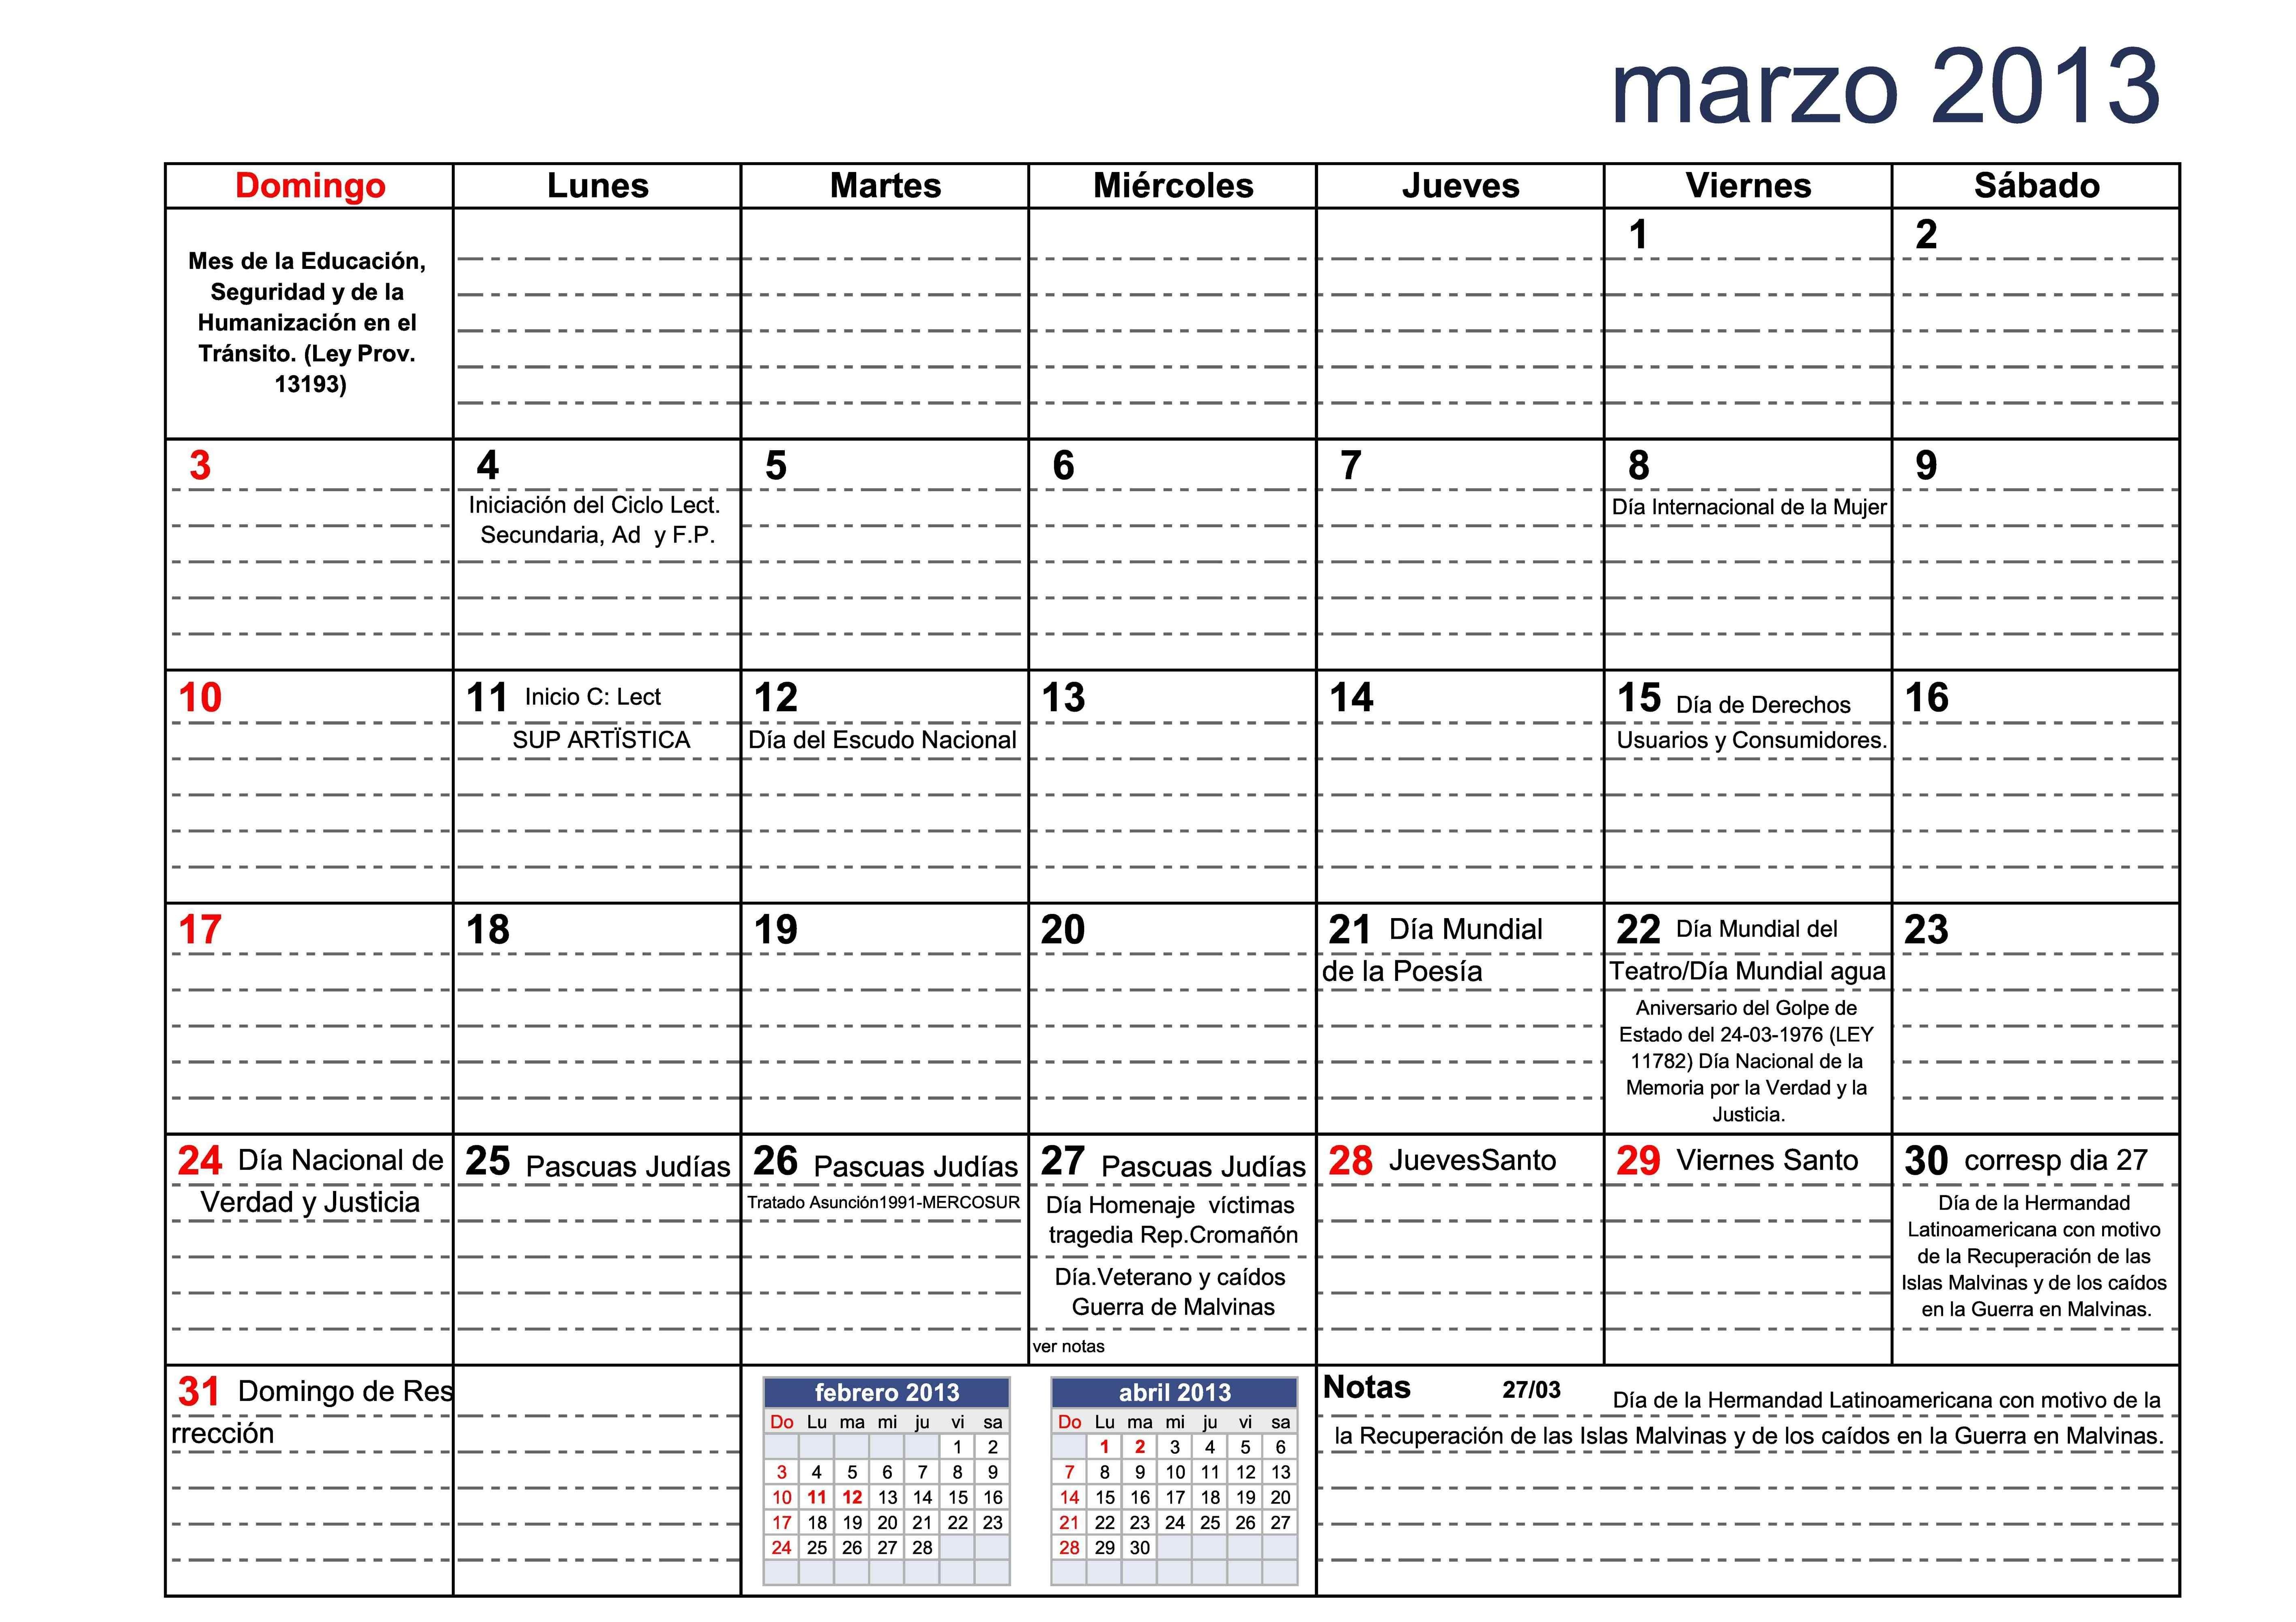 Calendario 2019 Chile Imprimir Pdf Más Recientemente Liberado 2013 Marzo Para Jefaturas Regionales Y Distritales Of Calendario 2019 Chile Imprimir Pdf Más Actual 2020 2021 Calendar Printable Template